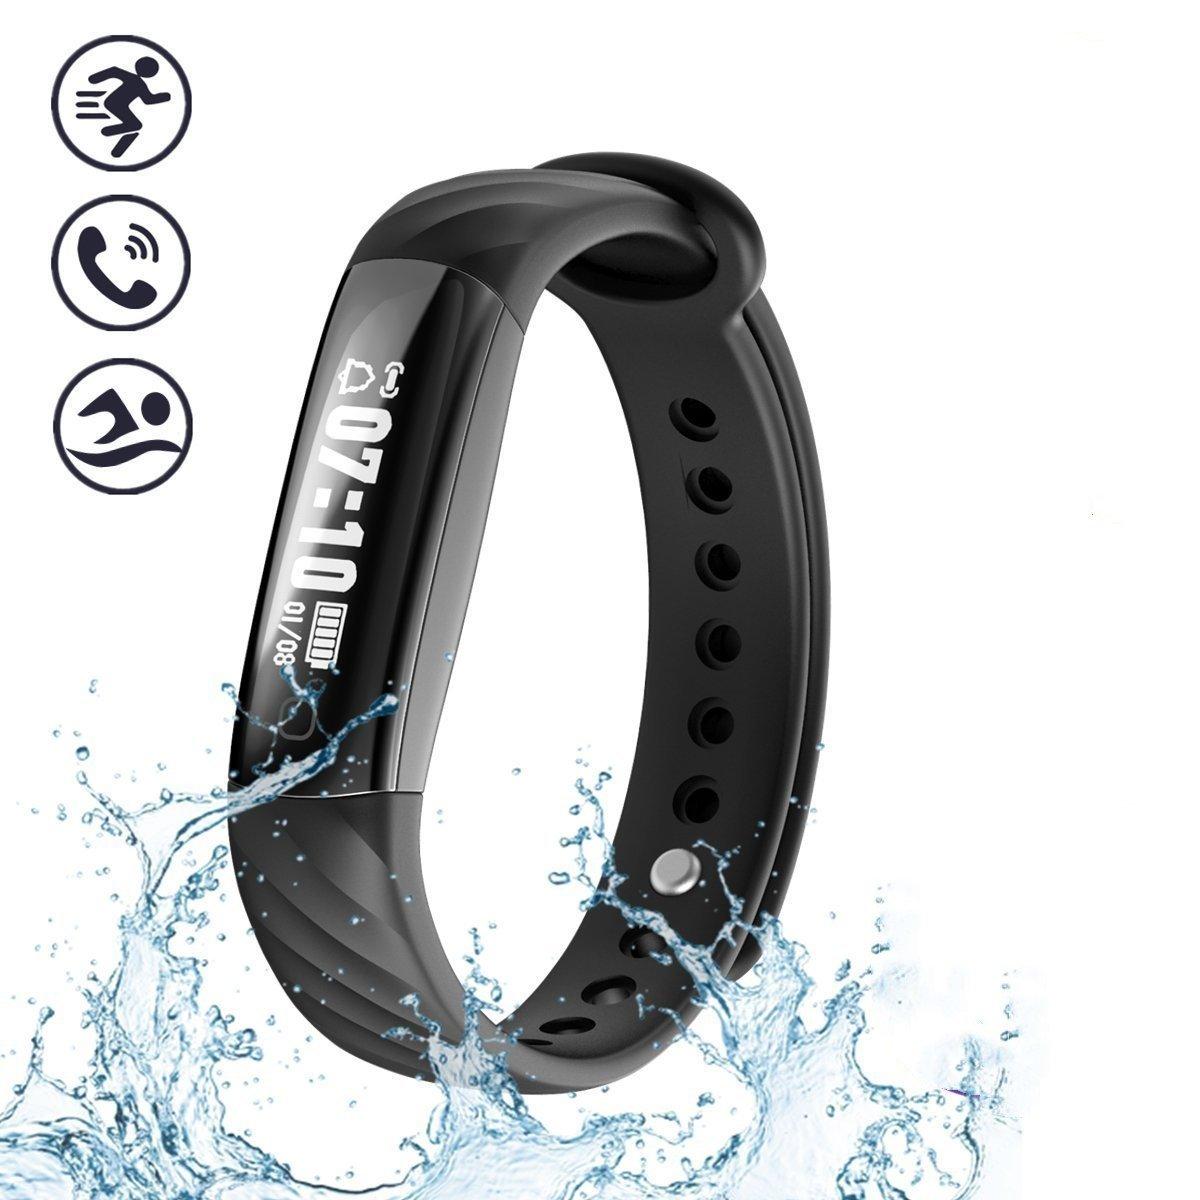 ECE piixy Fitness Trackerトラッカー活動、、耐i5 a ip67防水Bluetoothスマートブレスレットとしてステップカウンタ、睡眠モニター、歩数計、カロリーカウンターWatch for Kidsレディースメンズ B07BKQ9JY1 ブラック